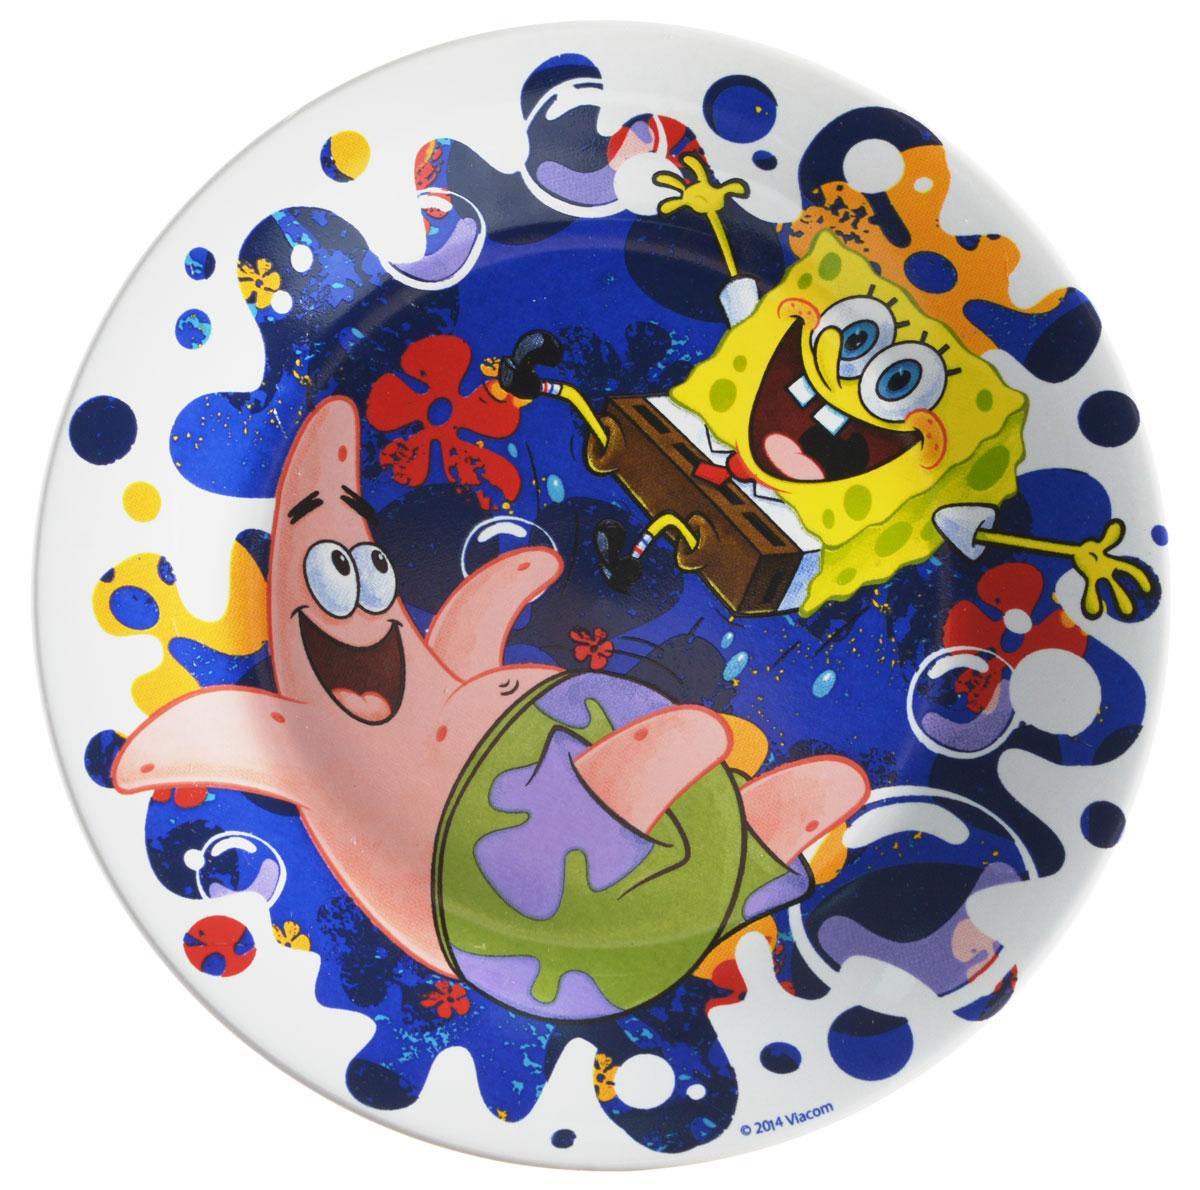 Губка Боб Тарелка детская Океан счастья диаметр 19 см115510Яркая тарелка Губка Боб Океан счастья идеально подойдет для кормления малыша и самостоятельного приема им пищи. Тарелка выполнена из керамики и оформлена высококачественным изображением героев мультфильма Губка Боб.Такой подарок станет не только приятным, но и практичным сувениром, добавит ярких эмоций вашему ребенку! Можно использовать в СВЧ-печи и посудомоечной машине.